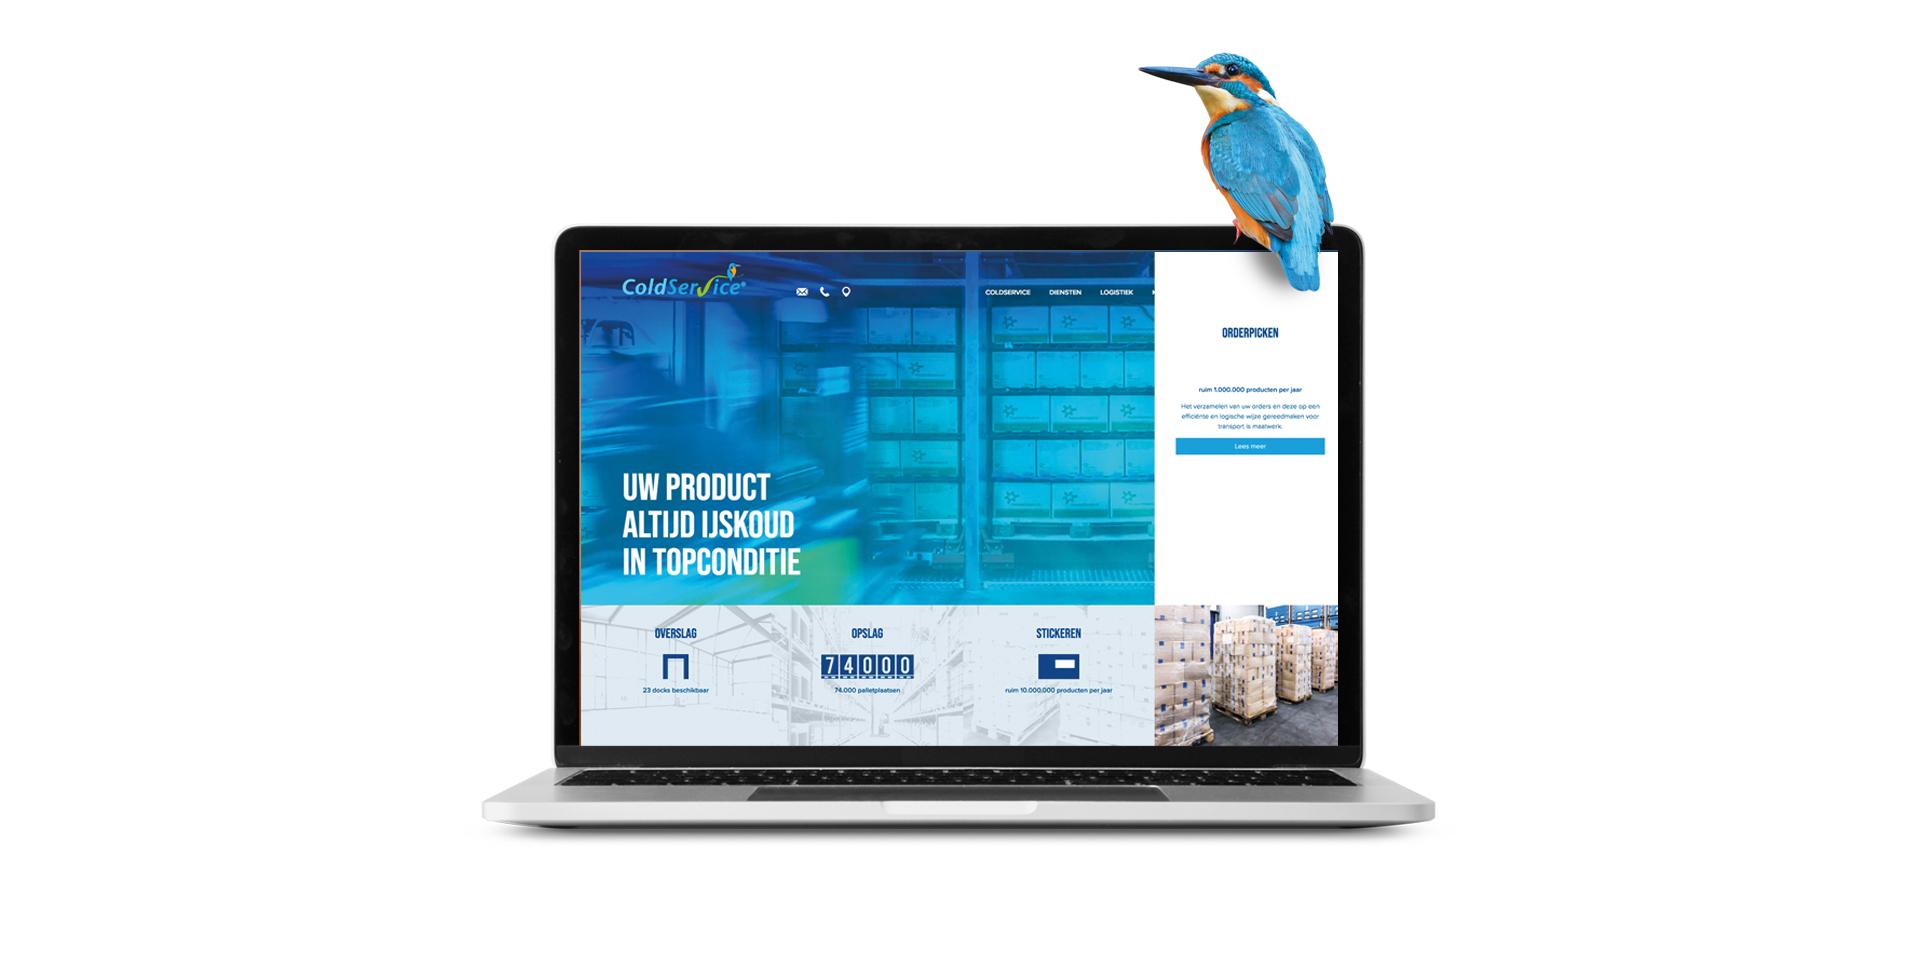 website laten ontwerpen Veghel spiegel crossmedia communicatie